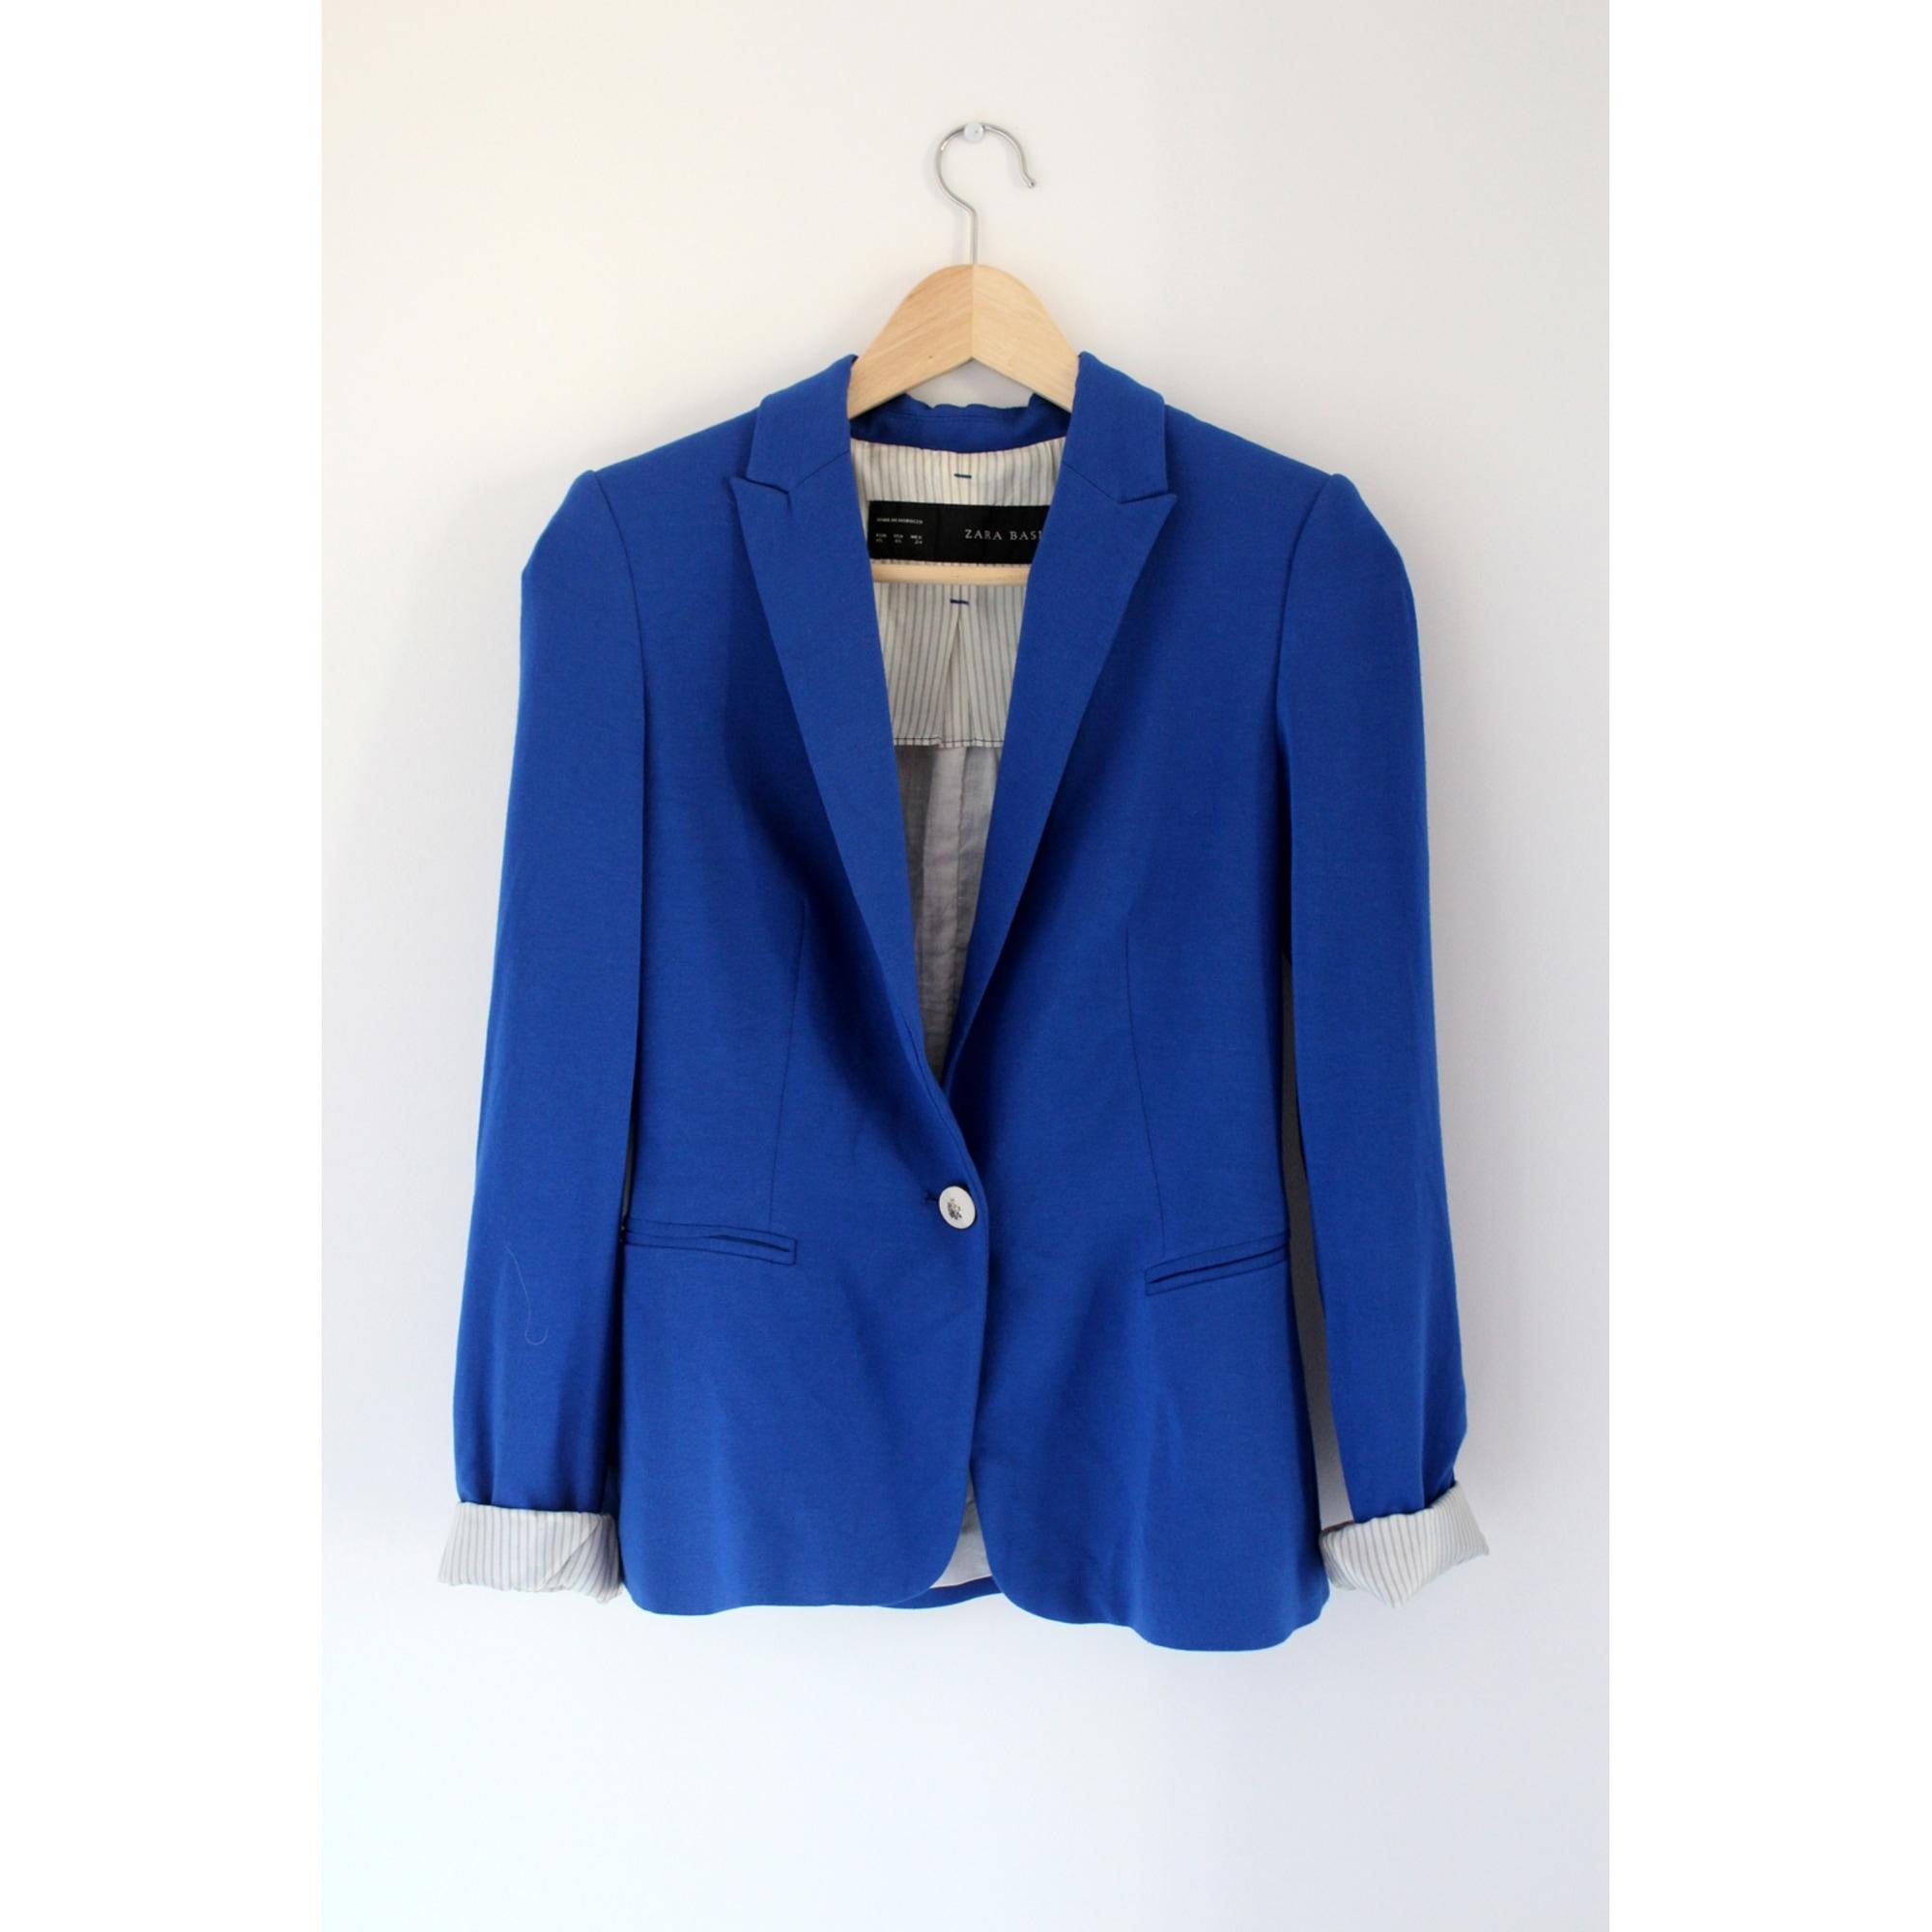 Manteaux & Vestes Zara Femme Bleu, bleu marine, bleu